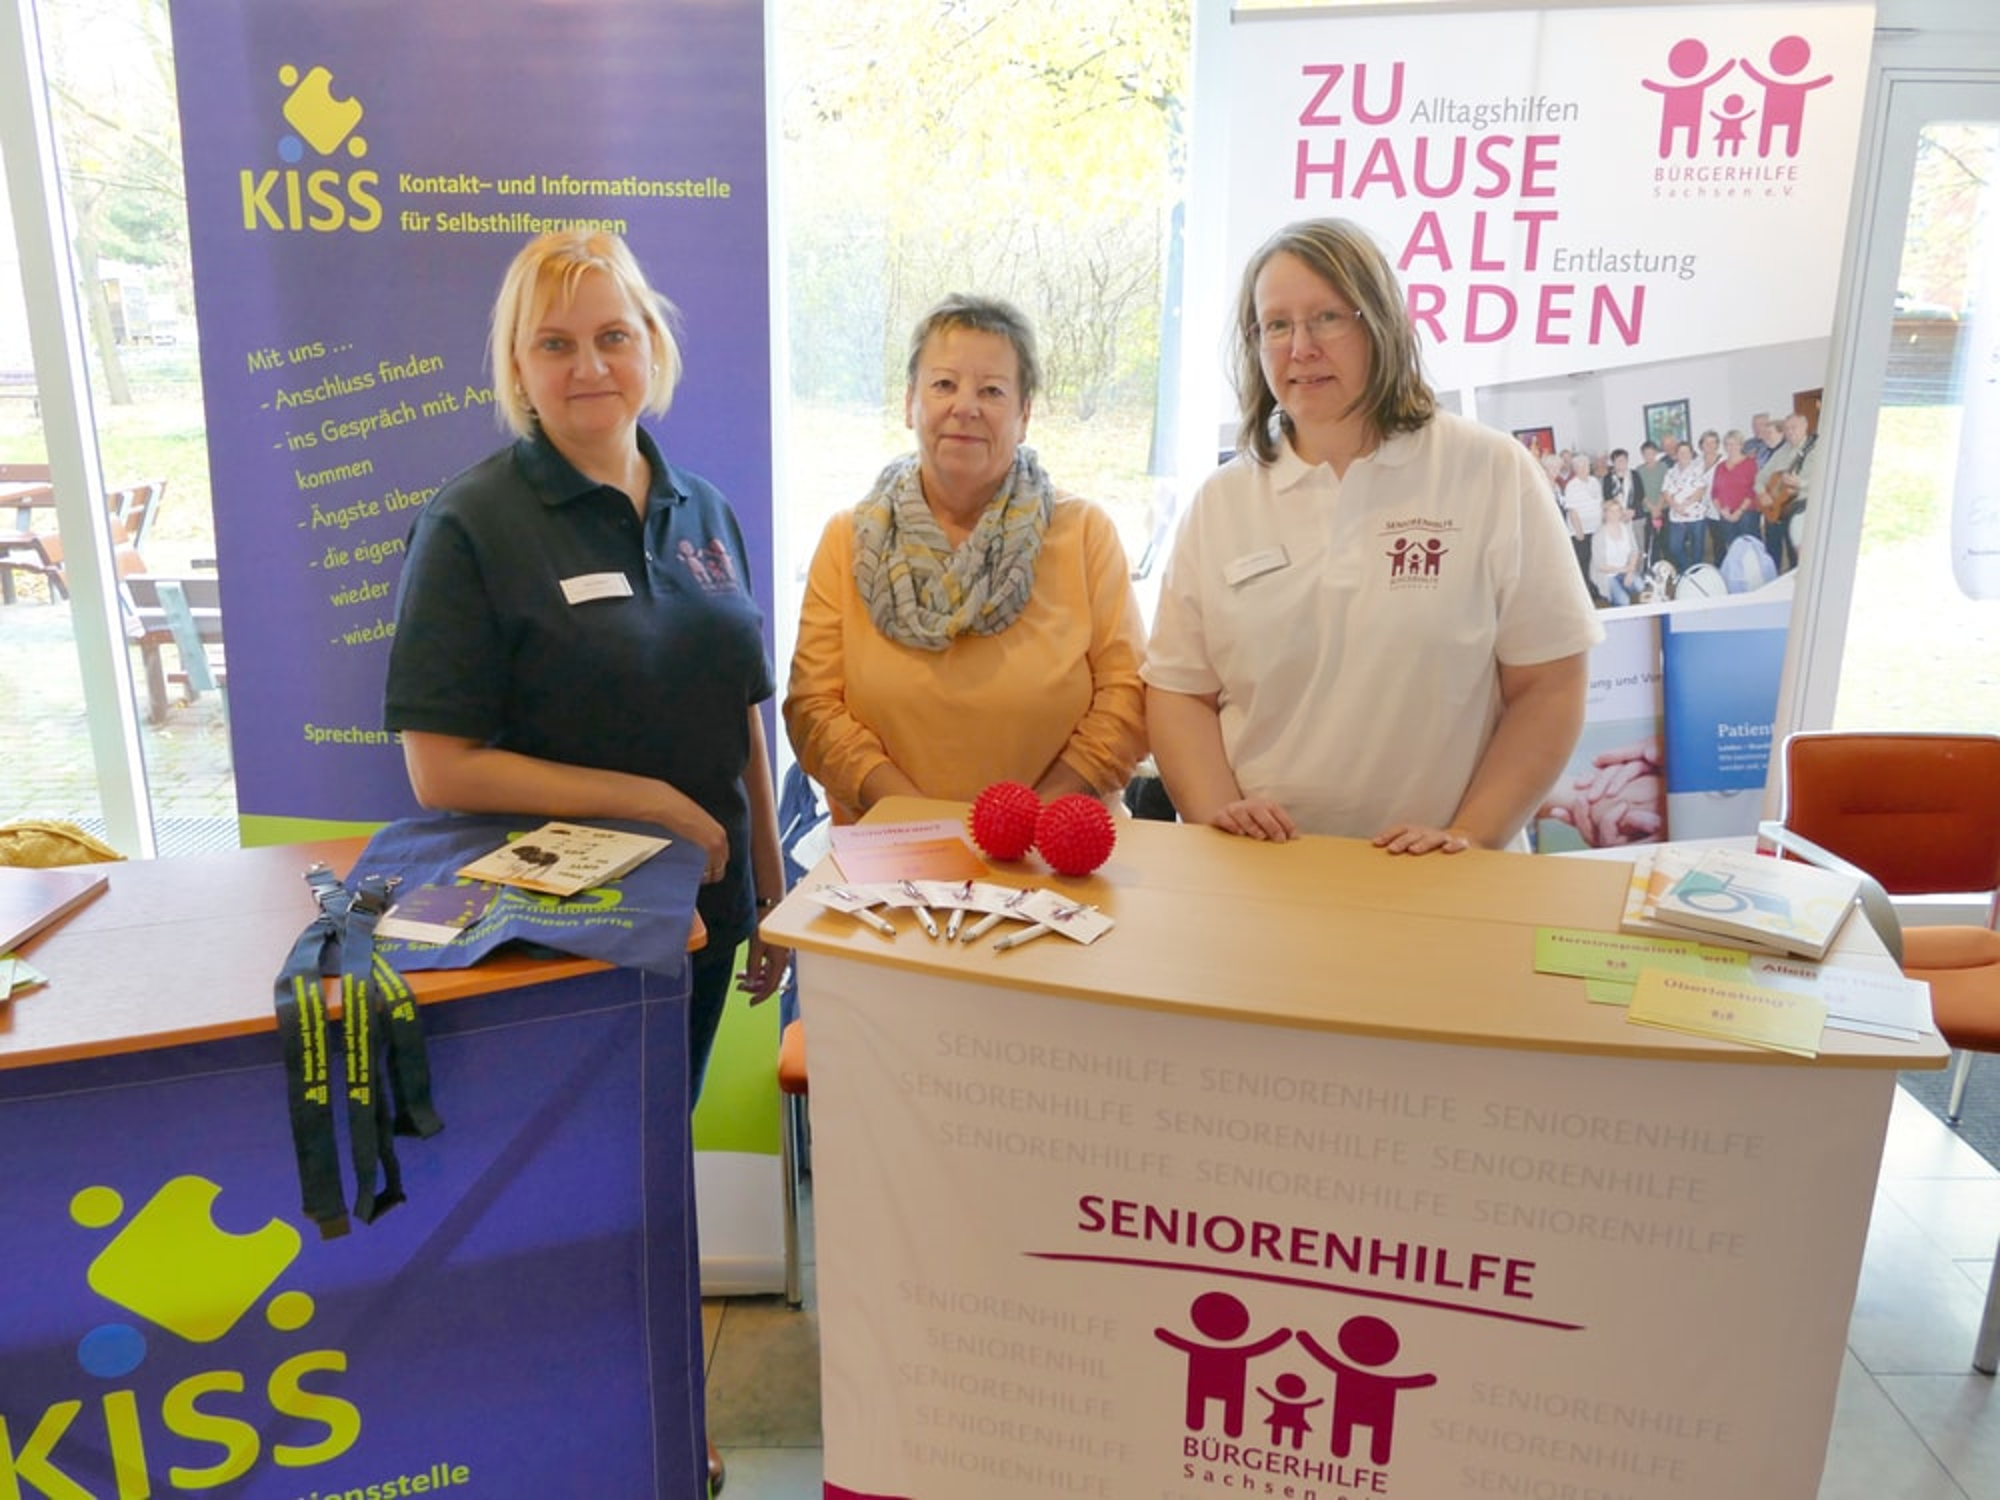 Aktionstag für Demenz und Pflegebedürftigkeit